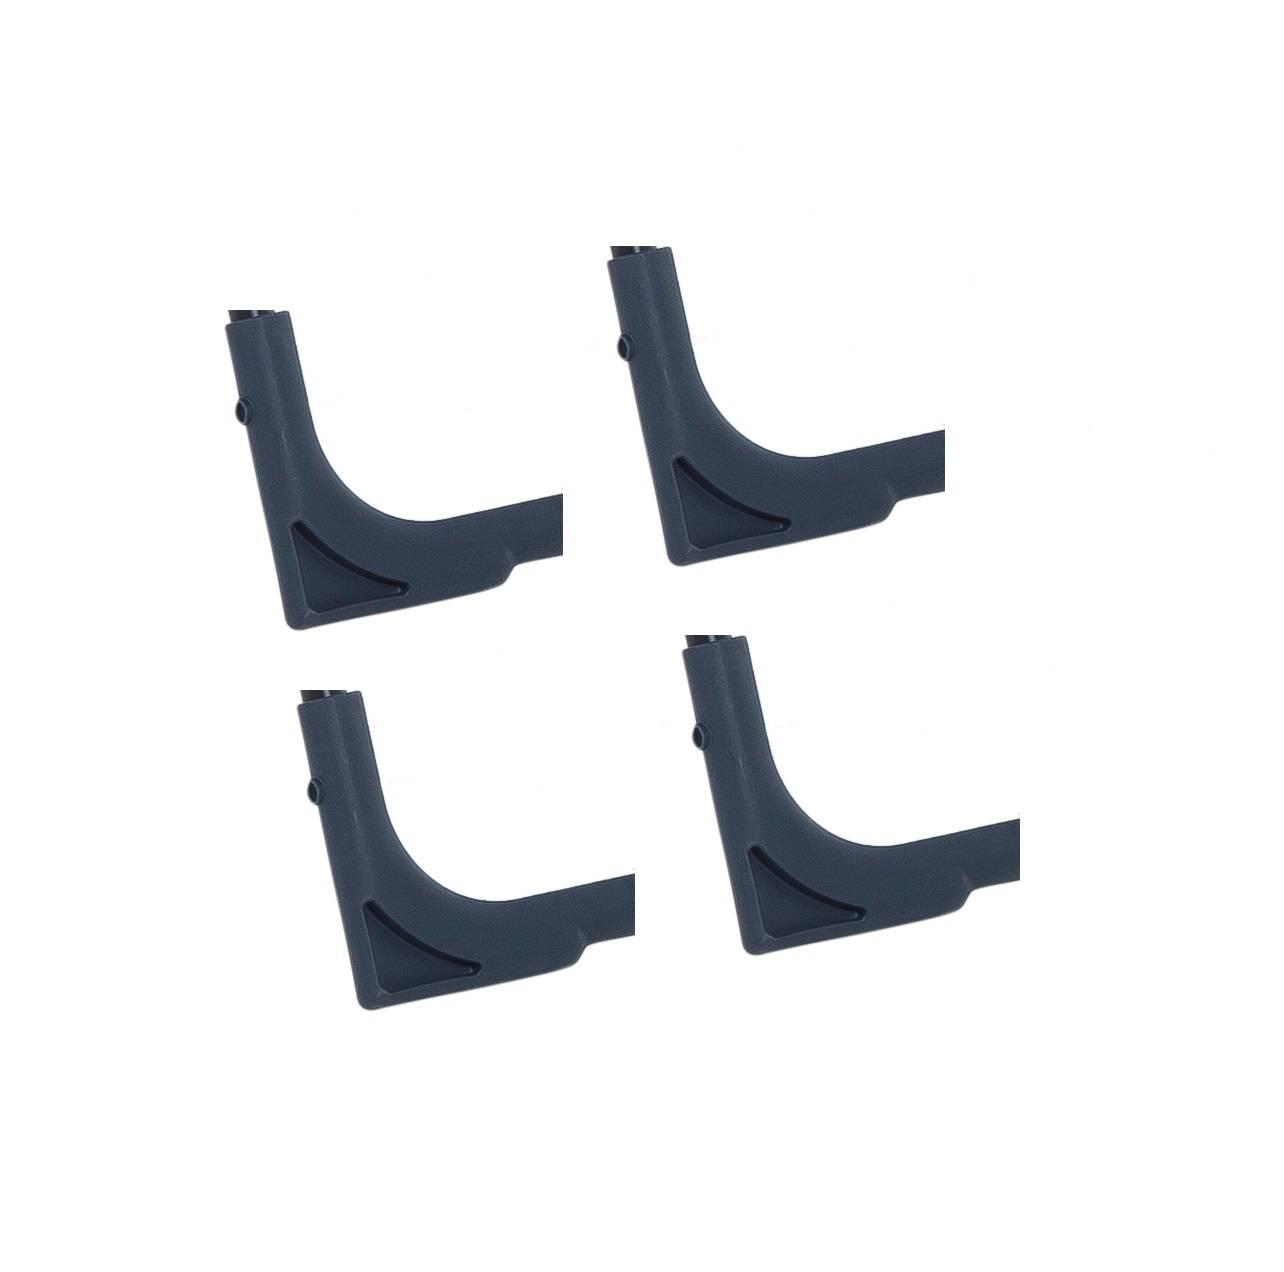 Stopki narożne do fotela / leżaka / łóżka ø18 mm 4 sztuki PATIO